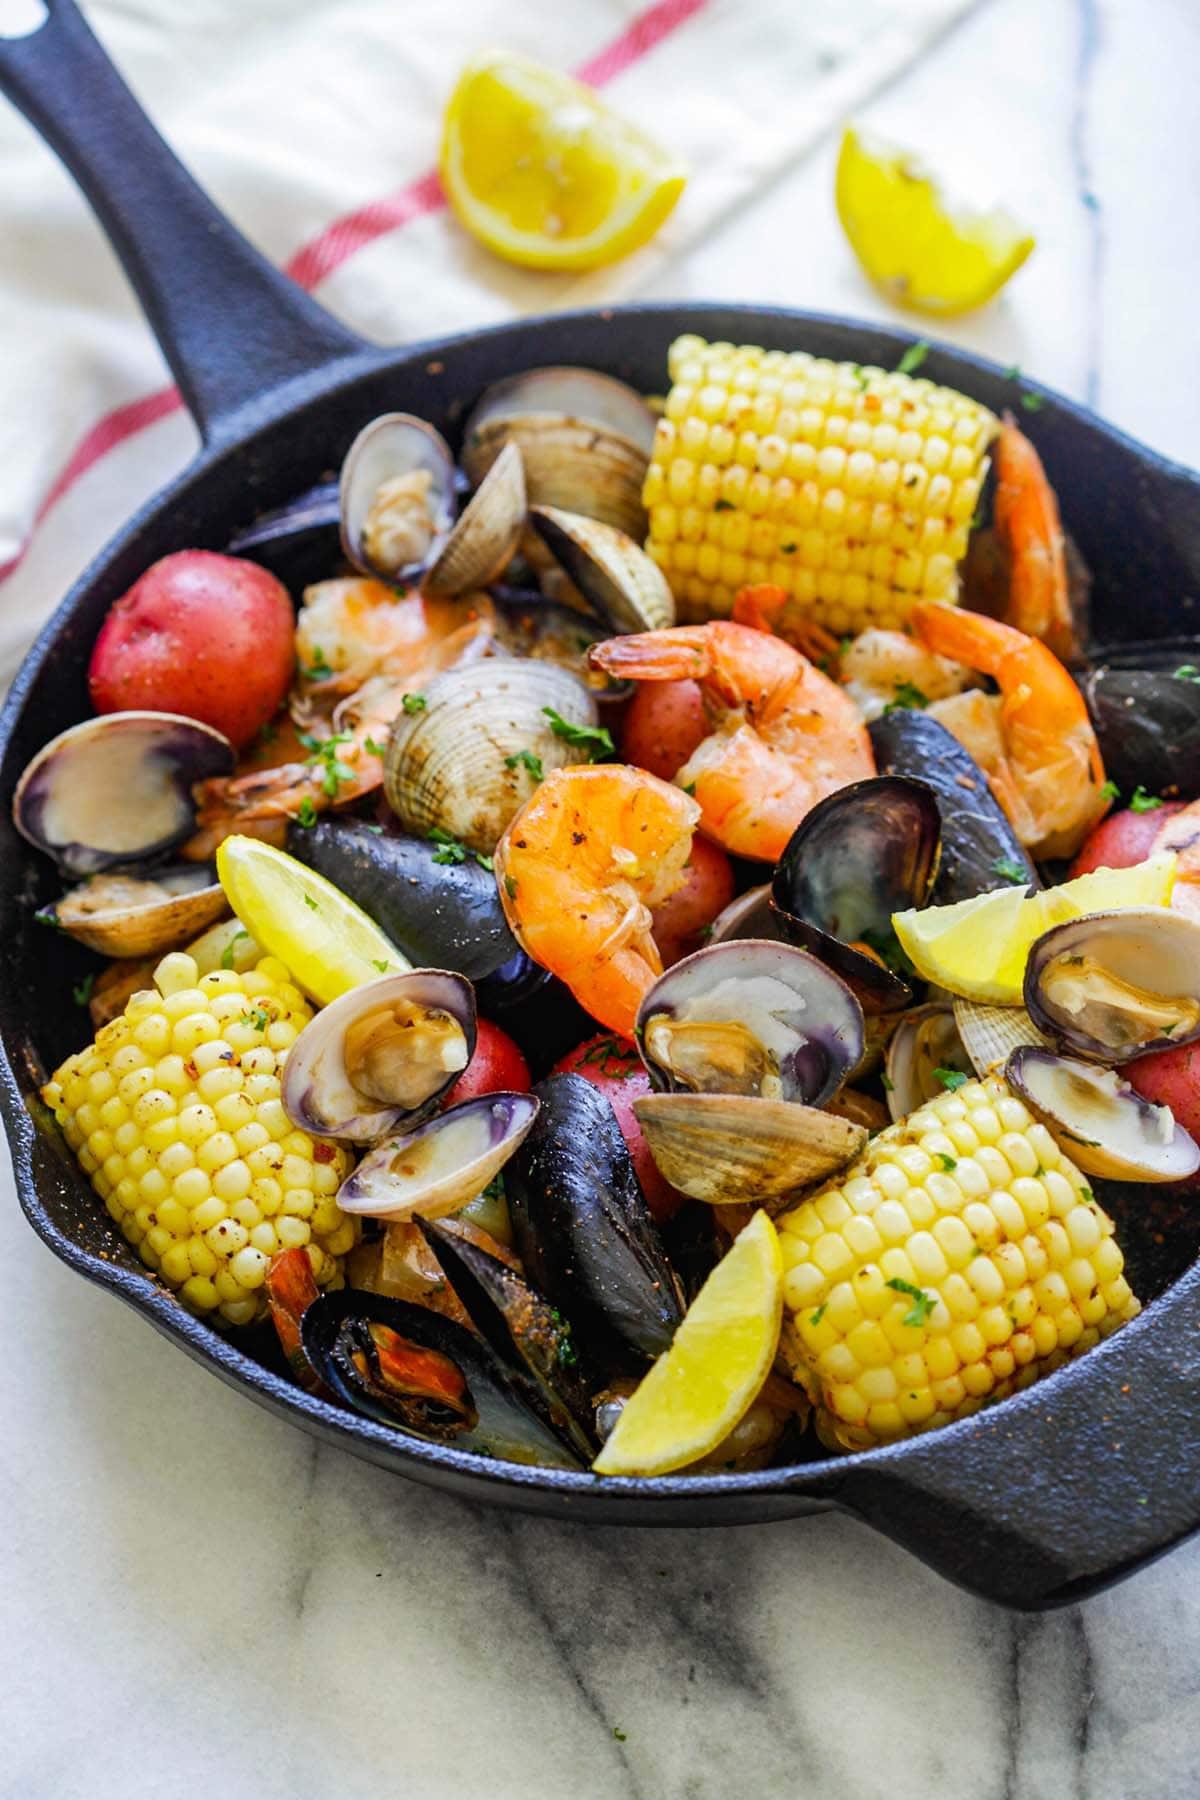 Clambake facile (bouillir les palourdes) dans une poêle avec des palourdes, des moules, des crevettes, du maïs et des pommes de terre.